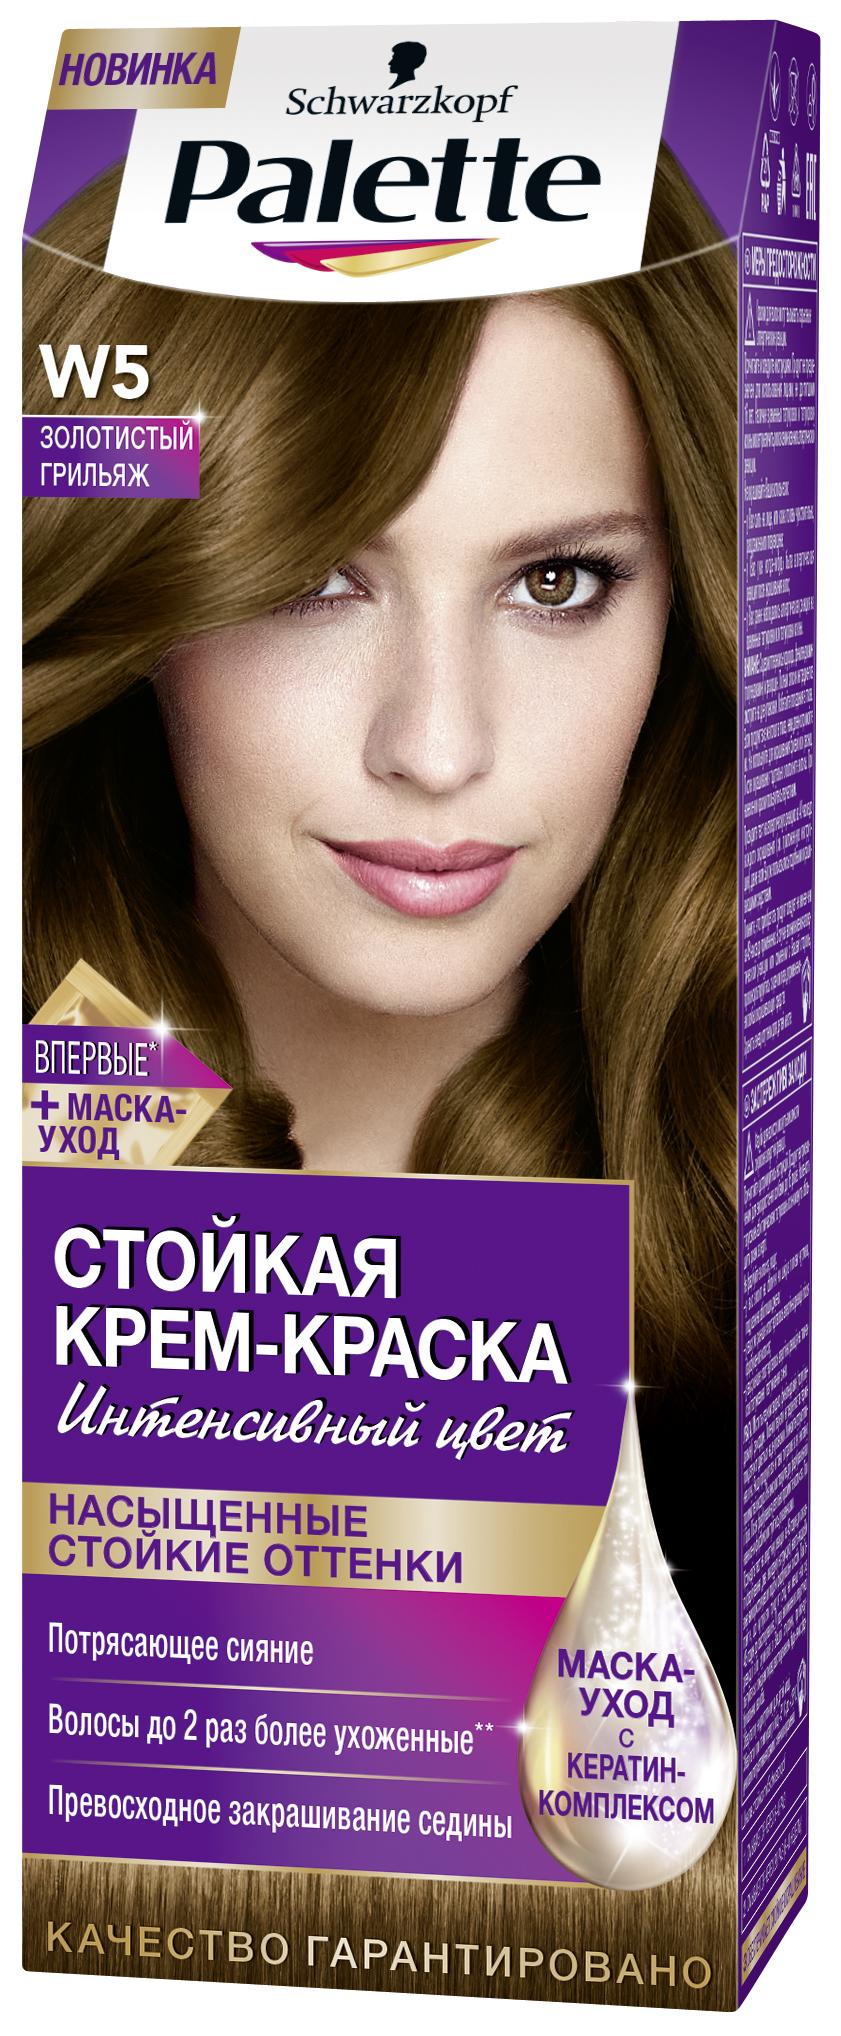 Palette Стойкая крем-краска W5 Золотистый грильяж 110мл093522201Знаменитая краска для волос Palette при использовании тщательно окрашивает волосы, стойко сохраняет цвет, имеет множество разнообразных оттенков на любой, самый взыскательный, вкус.